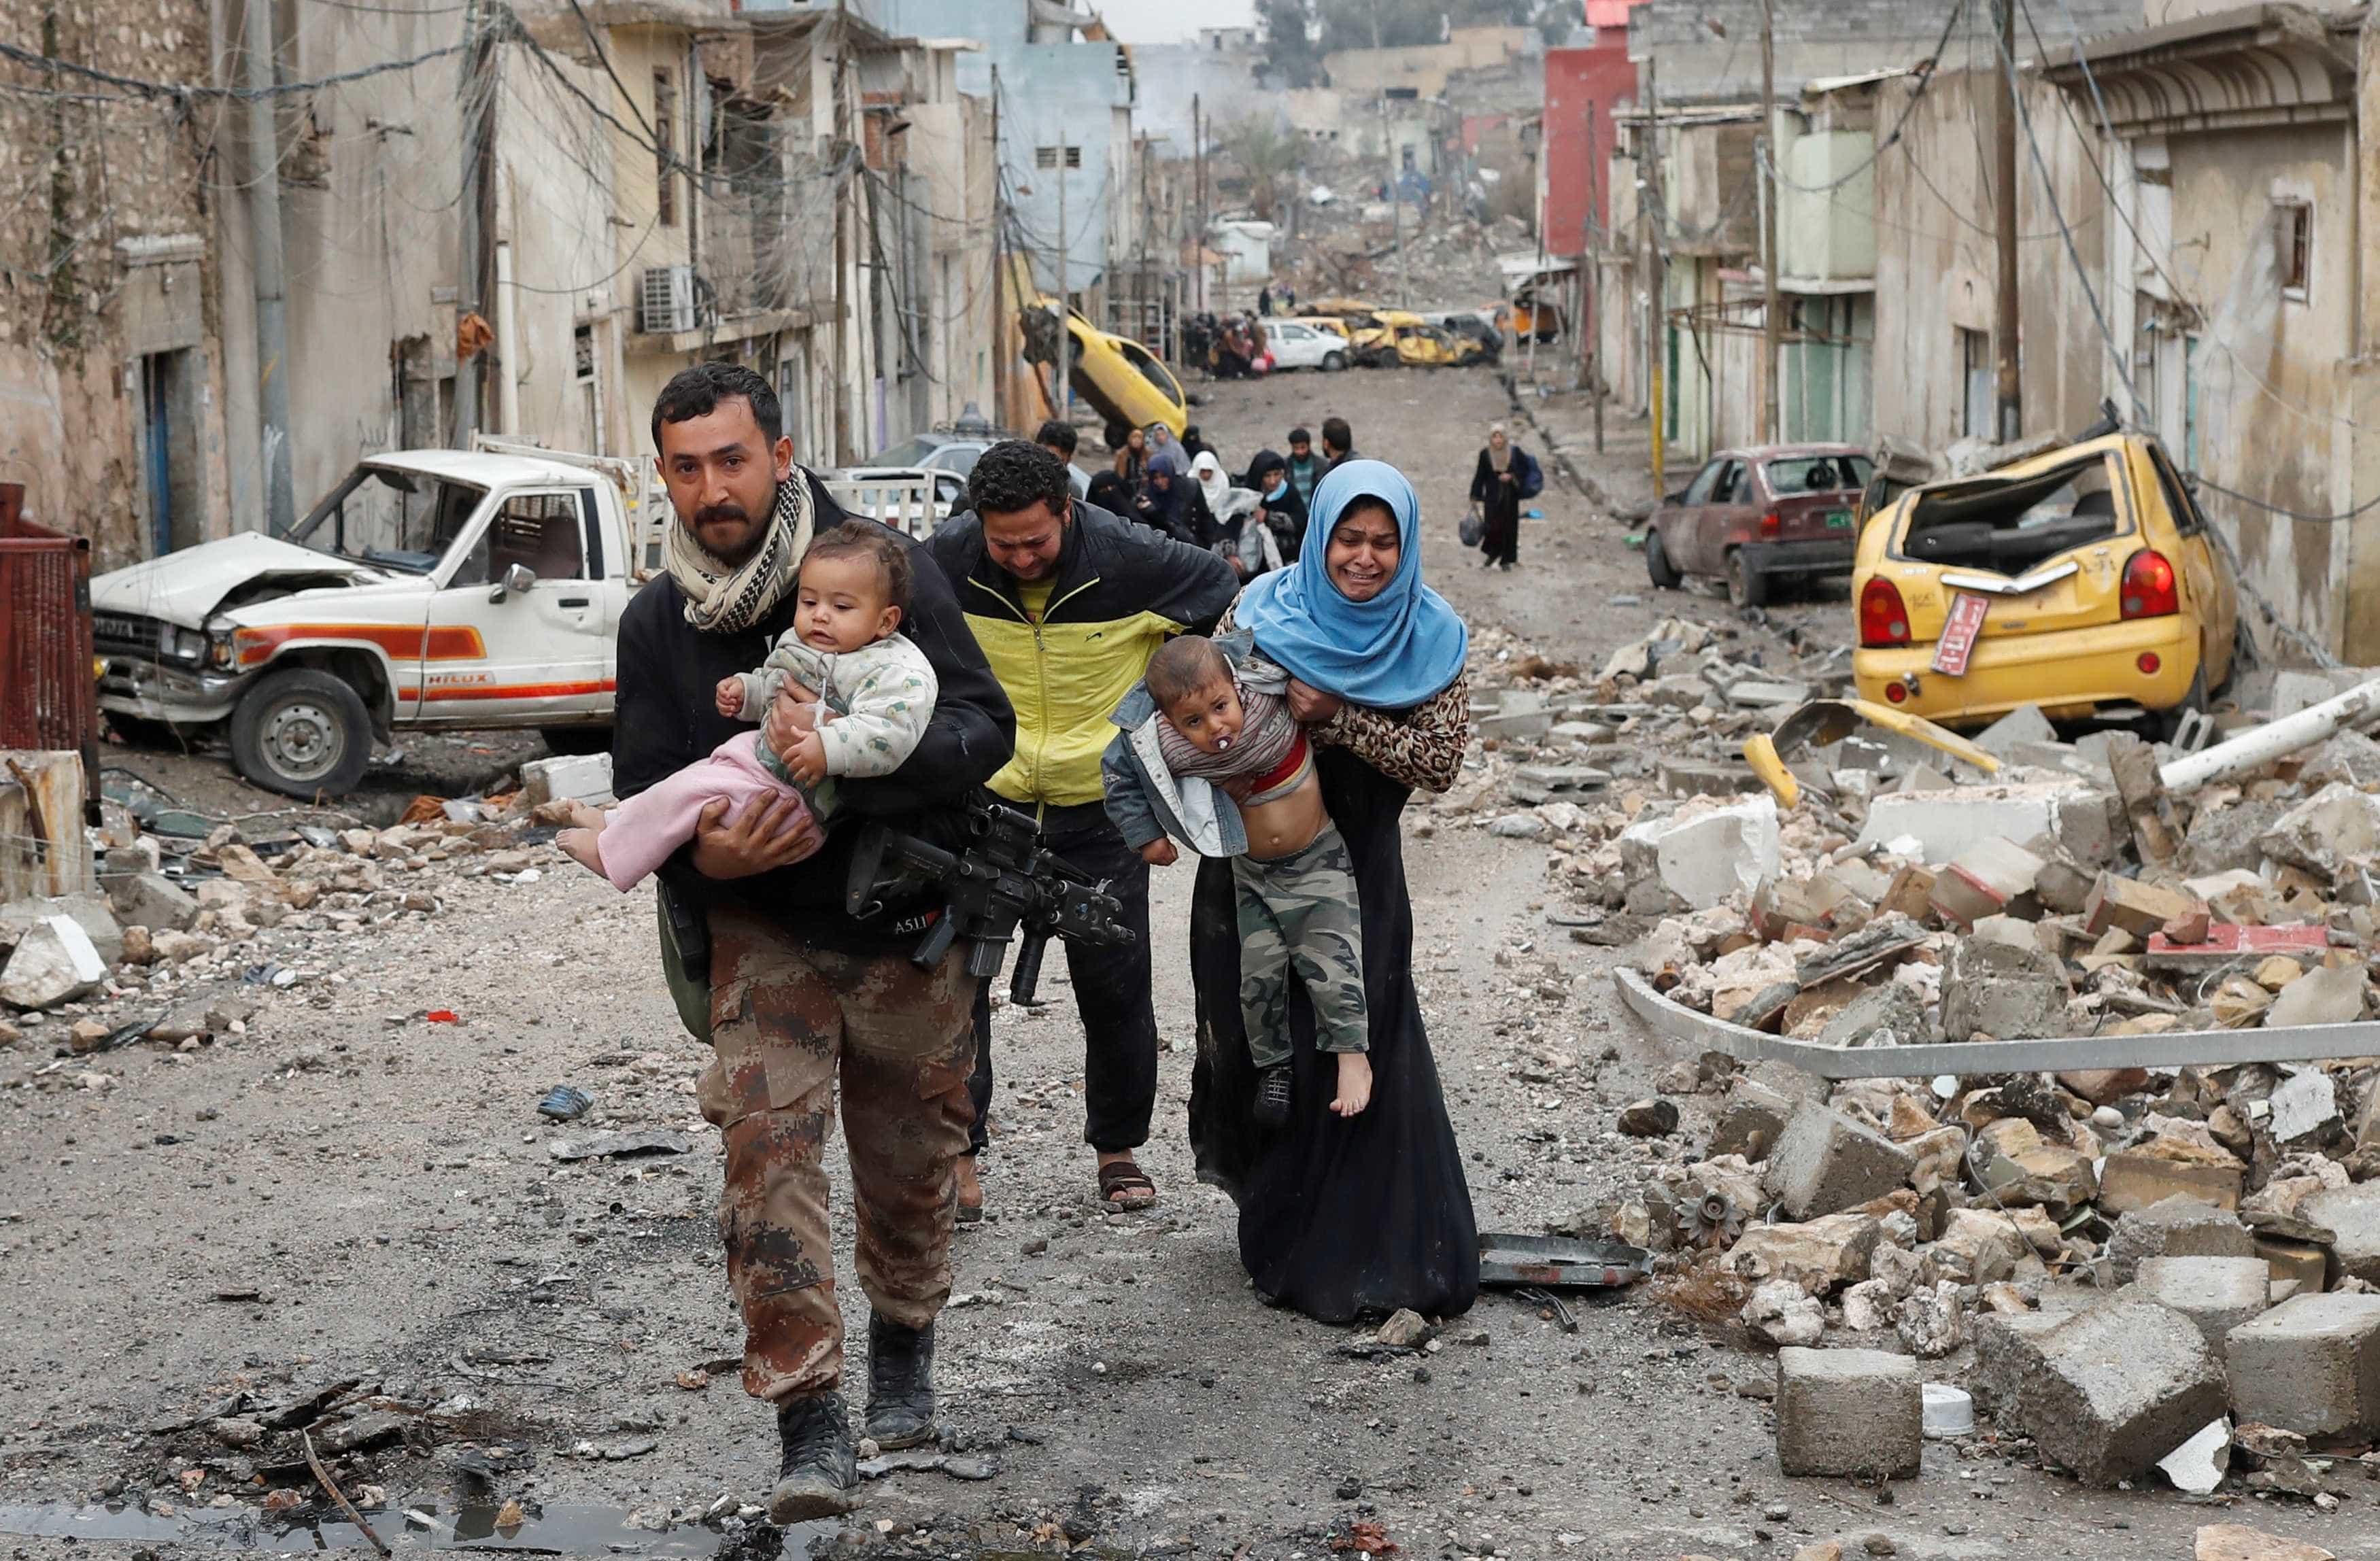 Síria: Pelo menos 13 mortos em atentado reivindicado pelos jihadistas